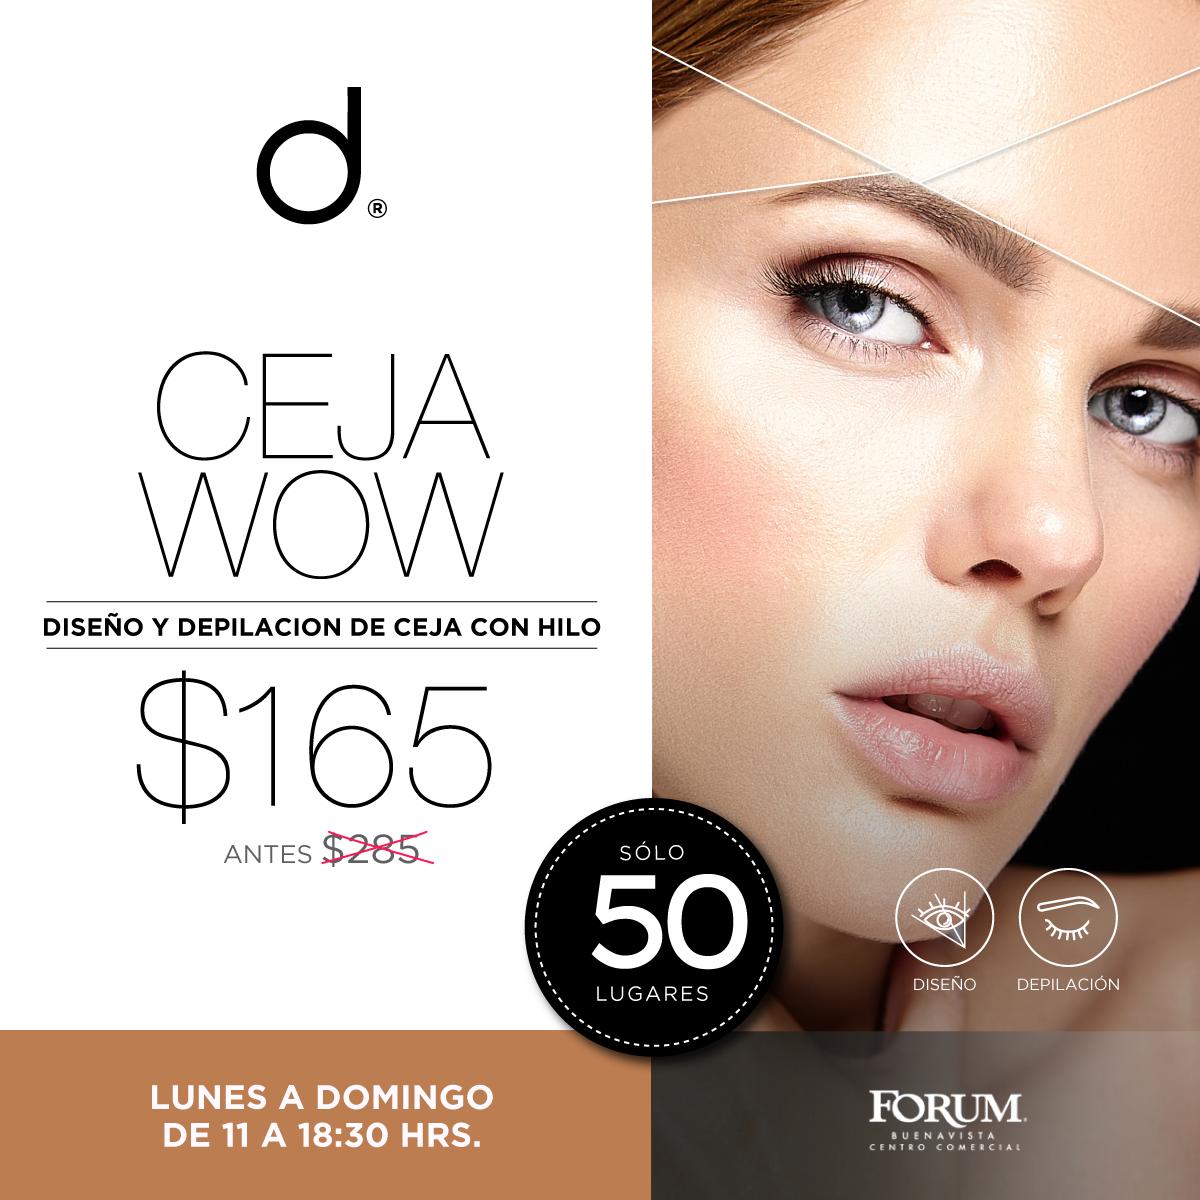 Diseño y depilación de ceja -  Sólo Forum Buenavista&w=900&h=900&fit=crop